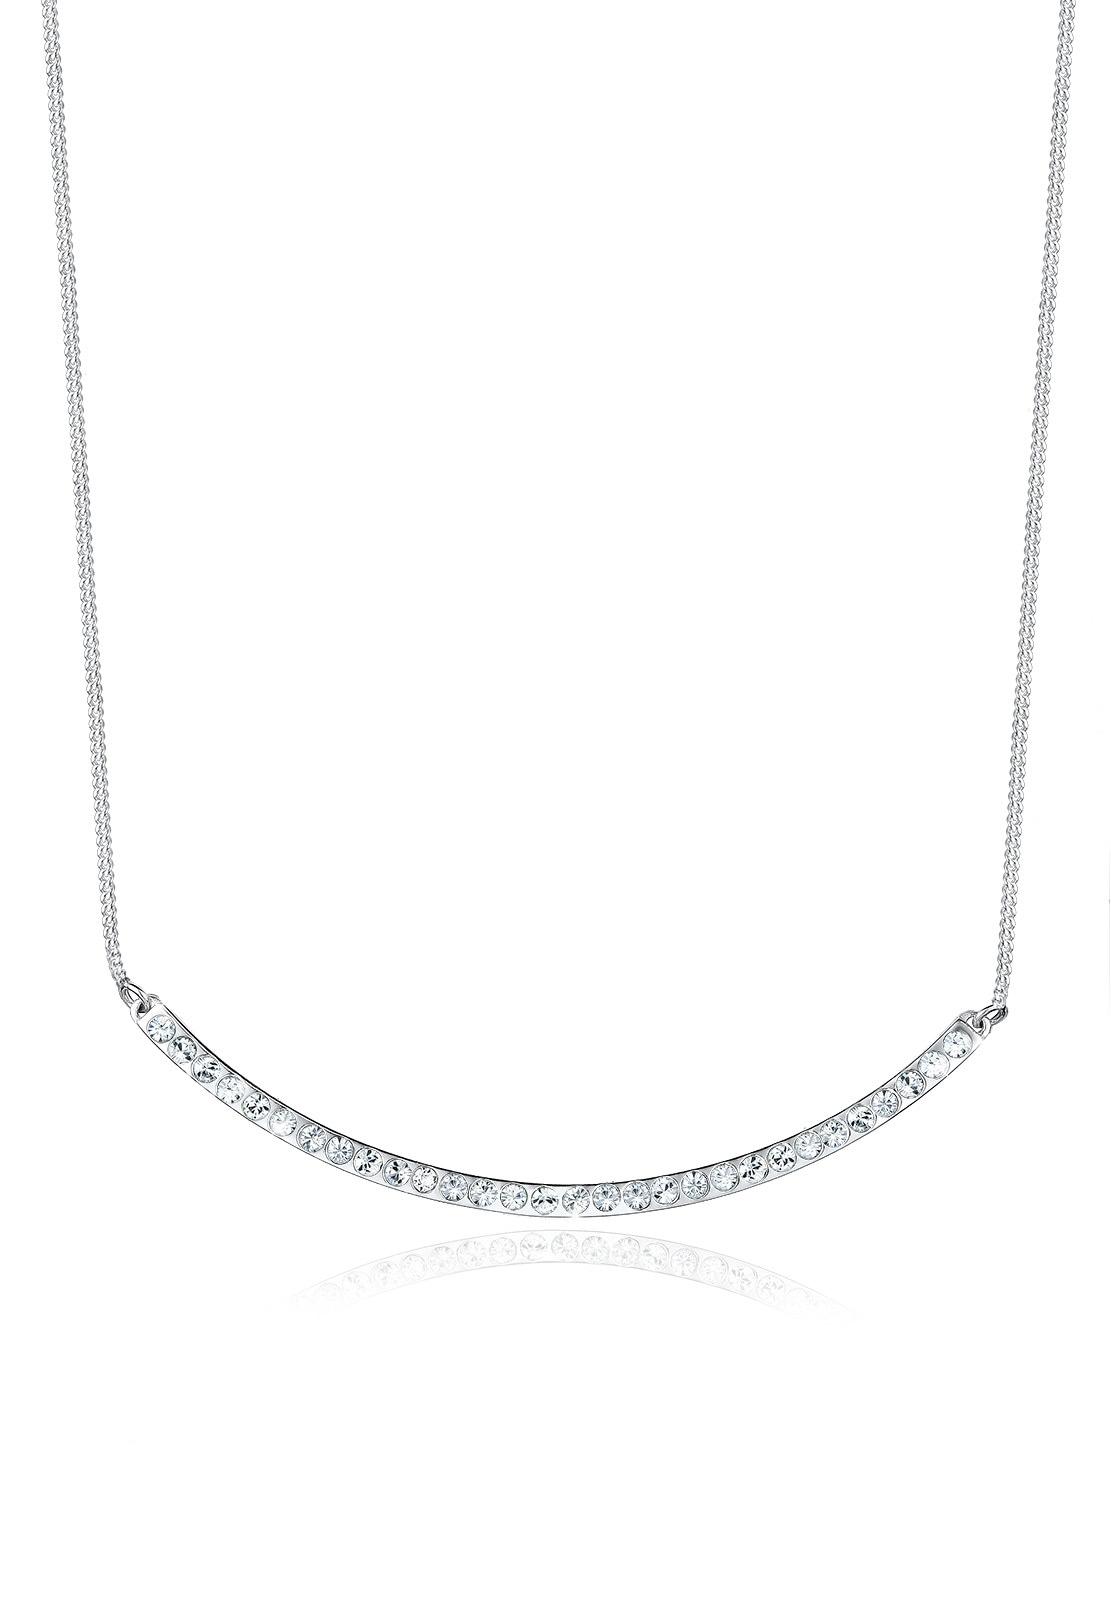 Elli Statementkette Bogen Minimal Swarovski Kristalle 925 Silber | Schmuck > Halsketten > Statementketten | Elli